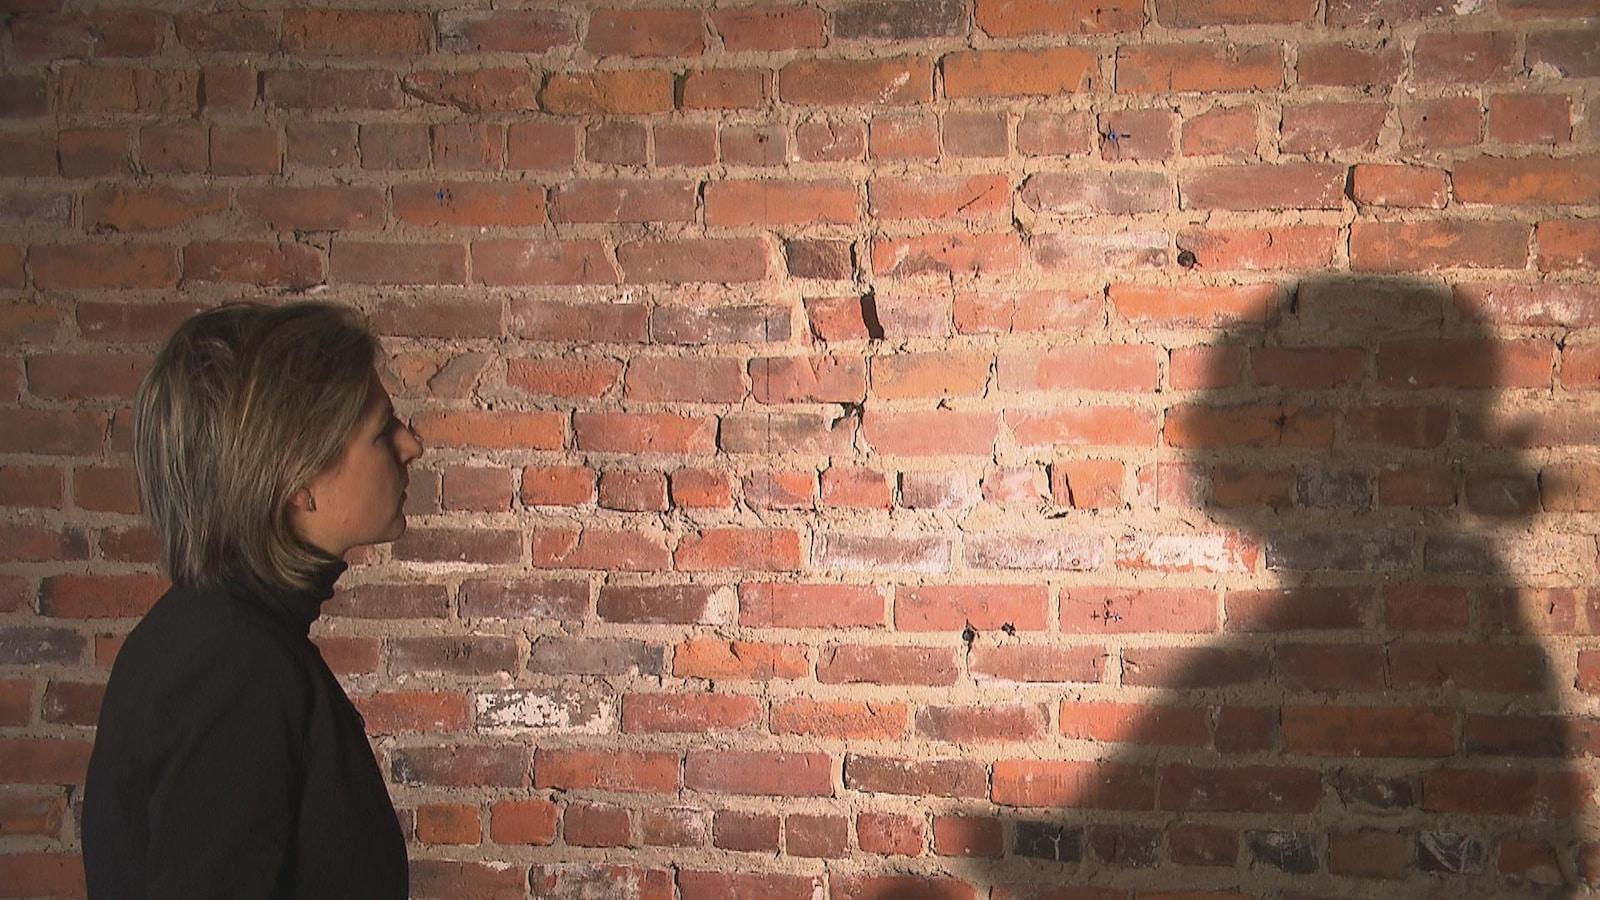 Ombre d'une personne sur un mur de brique en entrevue avec une femme qui porte un chandail noir.